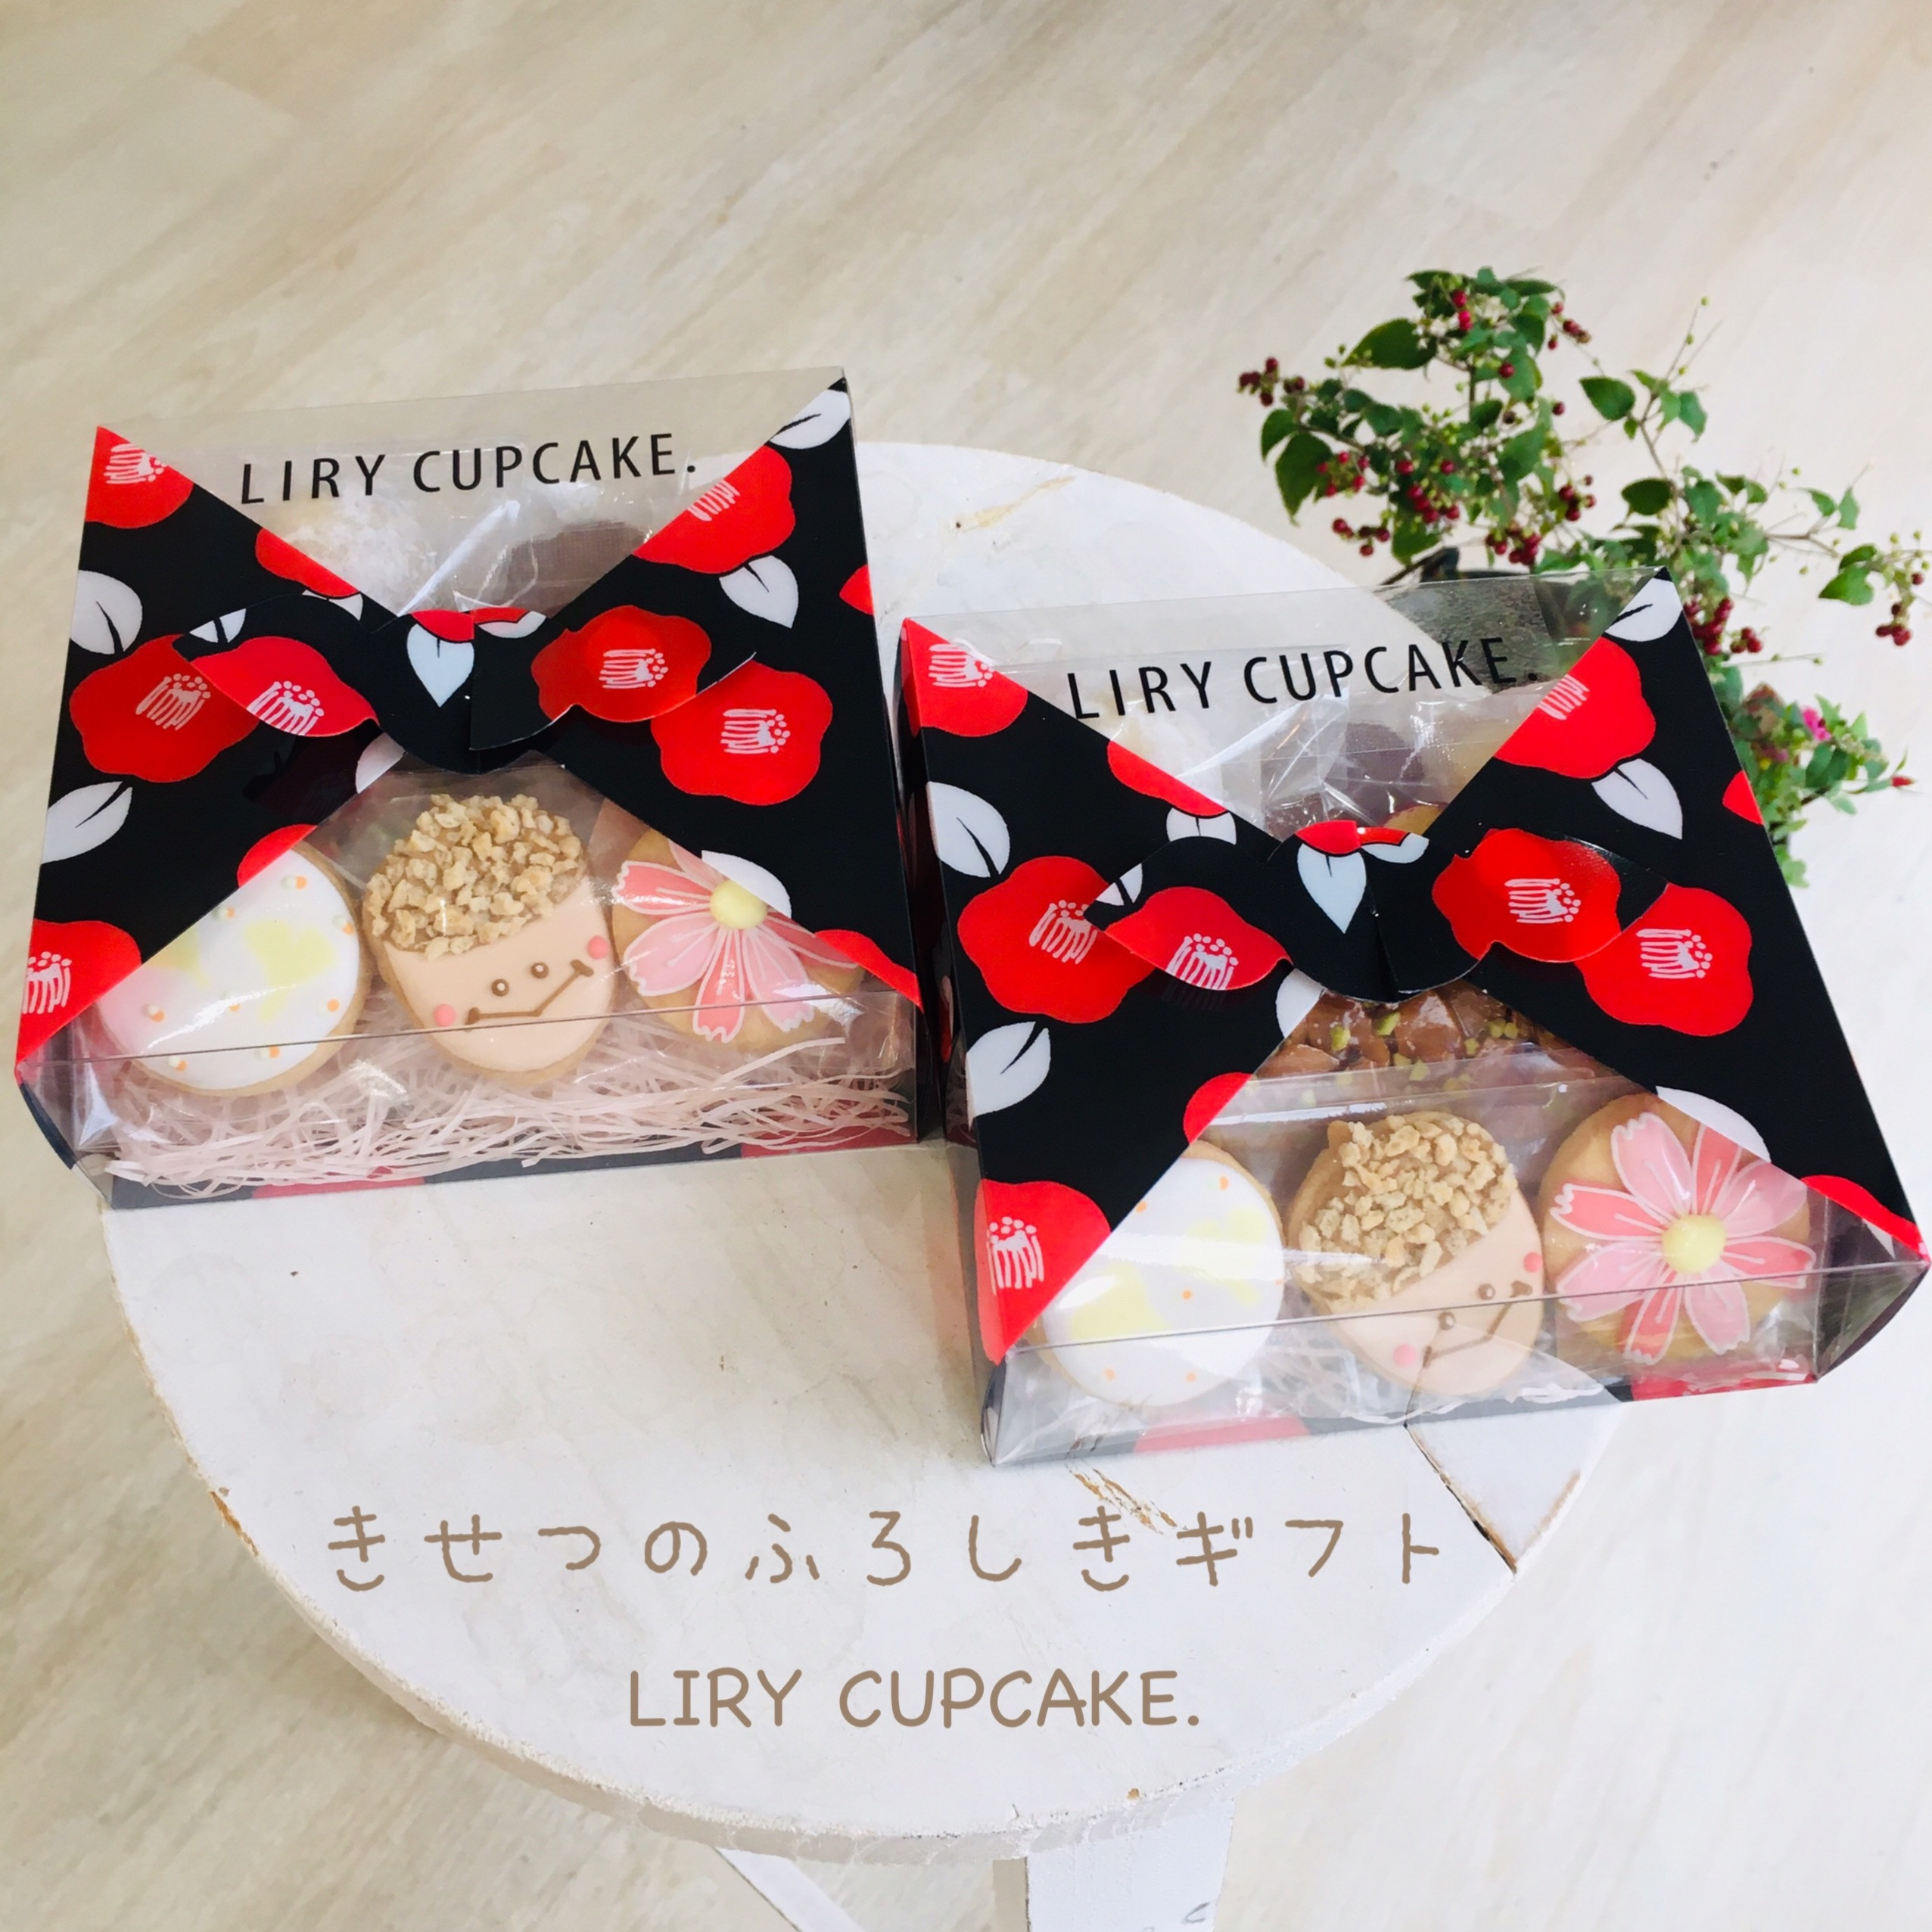 人気の季節のふろしきギフト 秋を感じる、イチョウ、どんぐり、コスモスのアイシングクッキーと一緒におすすめ焼菓子。>